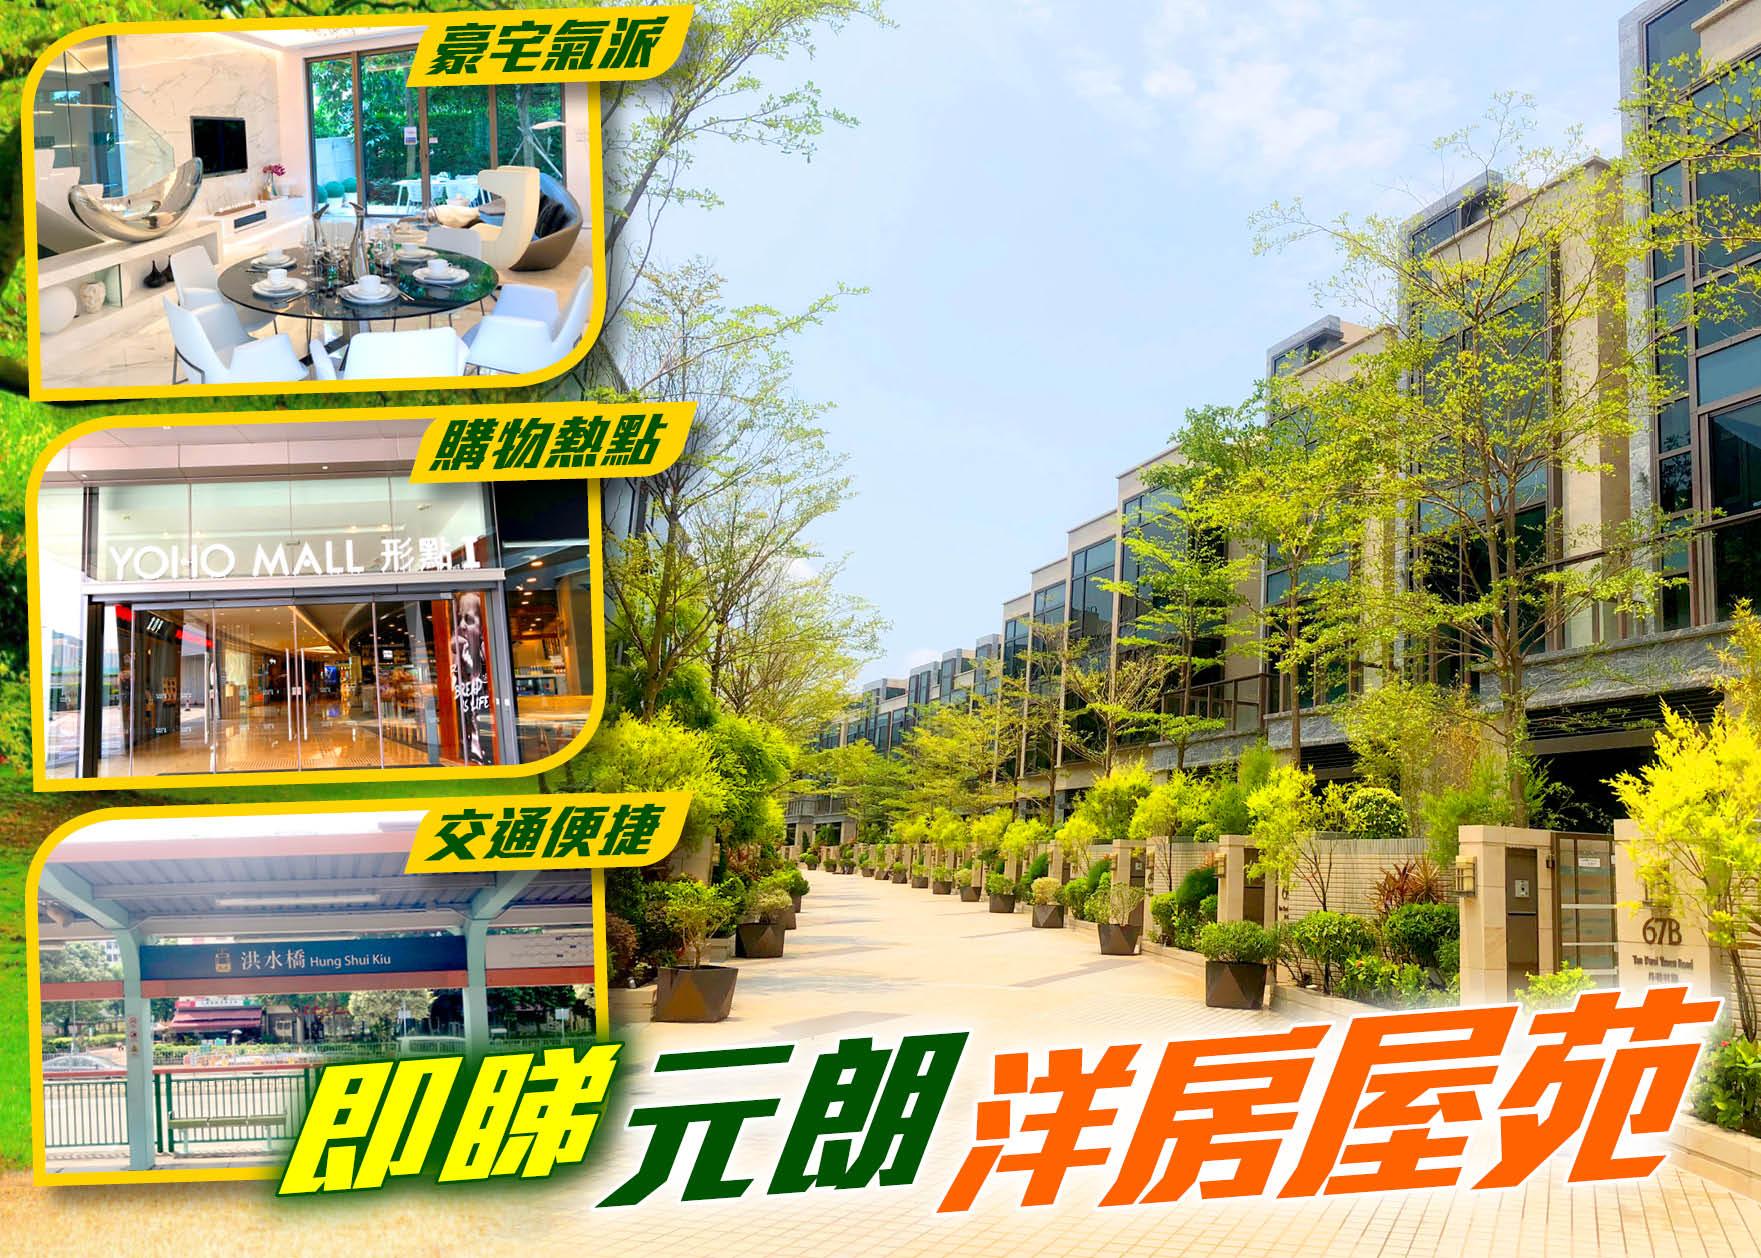 丹桂村路65-89號(富豪.悅庭 及 尚築)